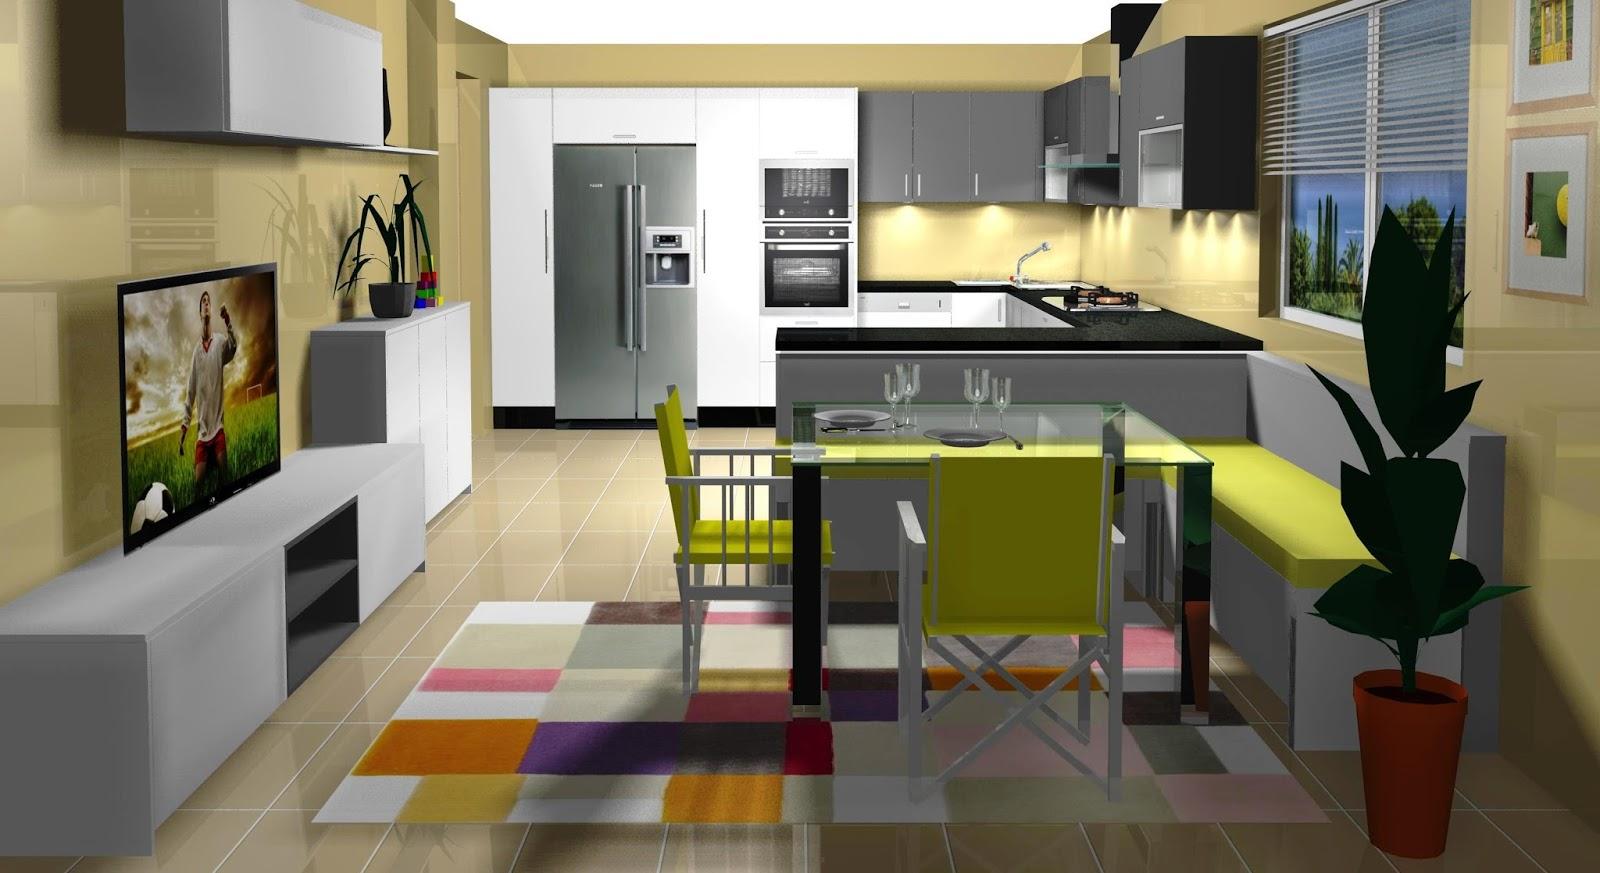 Dise o muebles de cocina dise o de cocina comedor for Vistas de cocinas